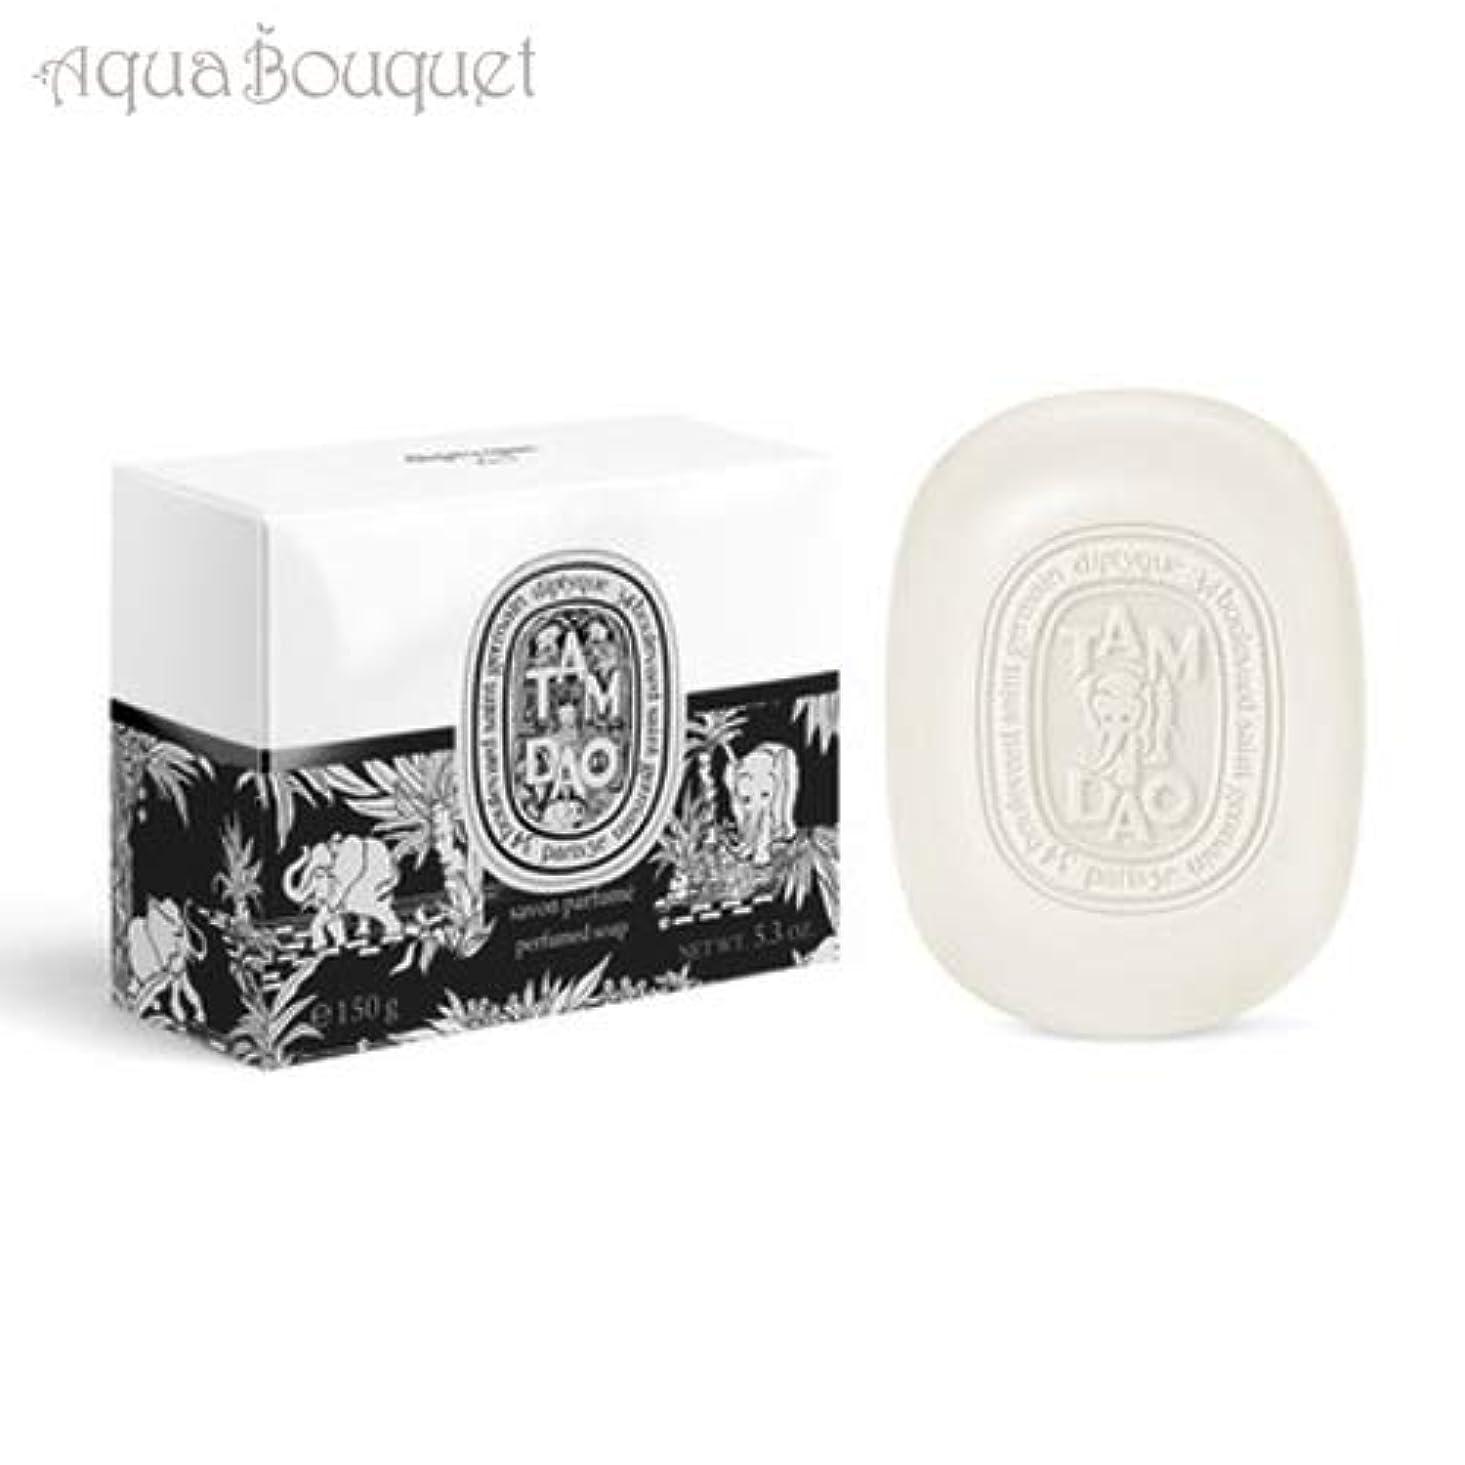 開示する快適育成ディプティック タムダオ ソープ 150g DIPTYQUE TAMDAO PERFUMED SOAP [8289] [並行輸入品]